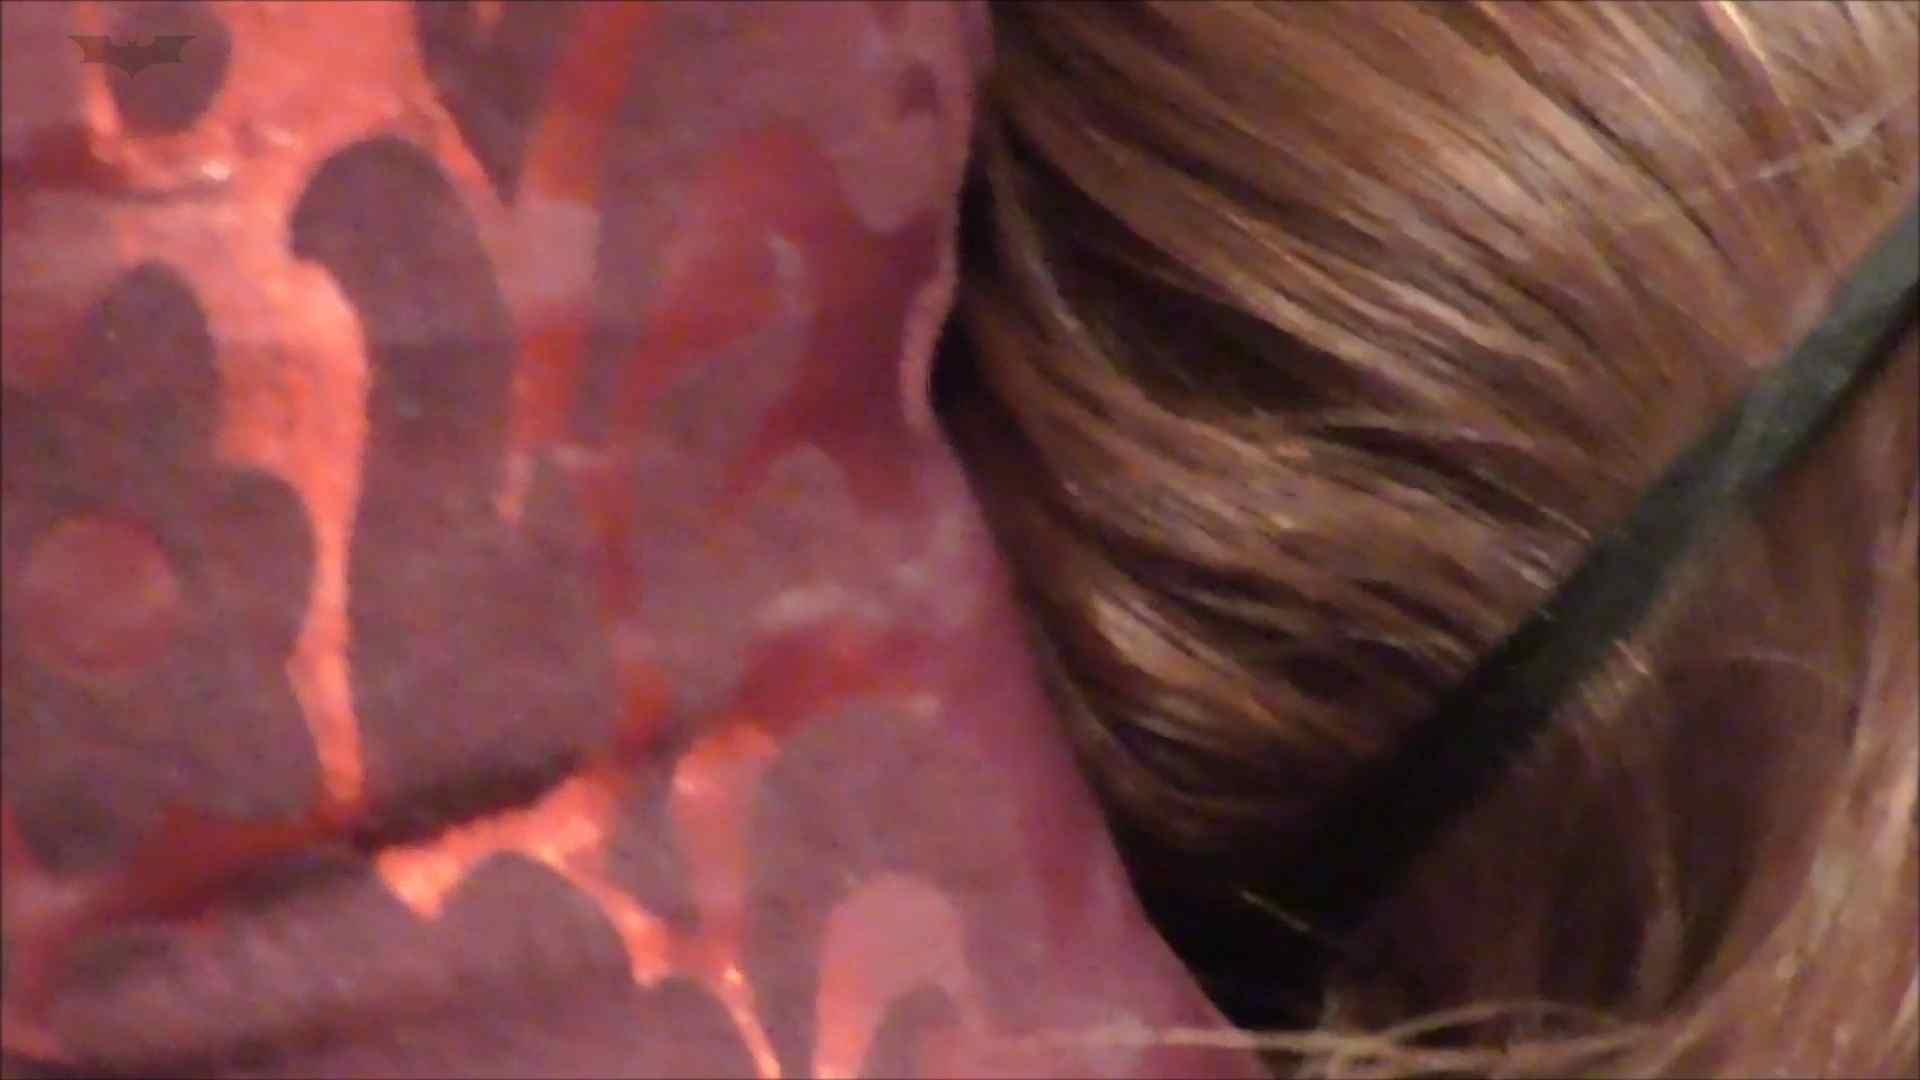 内緒でデリヘル盗撮 Vol.03中編 美肌、美人のデリ嬢にいよいよ挿入! 盗撮  102PIX 94